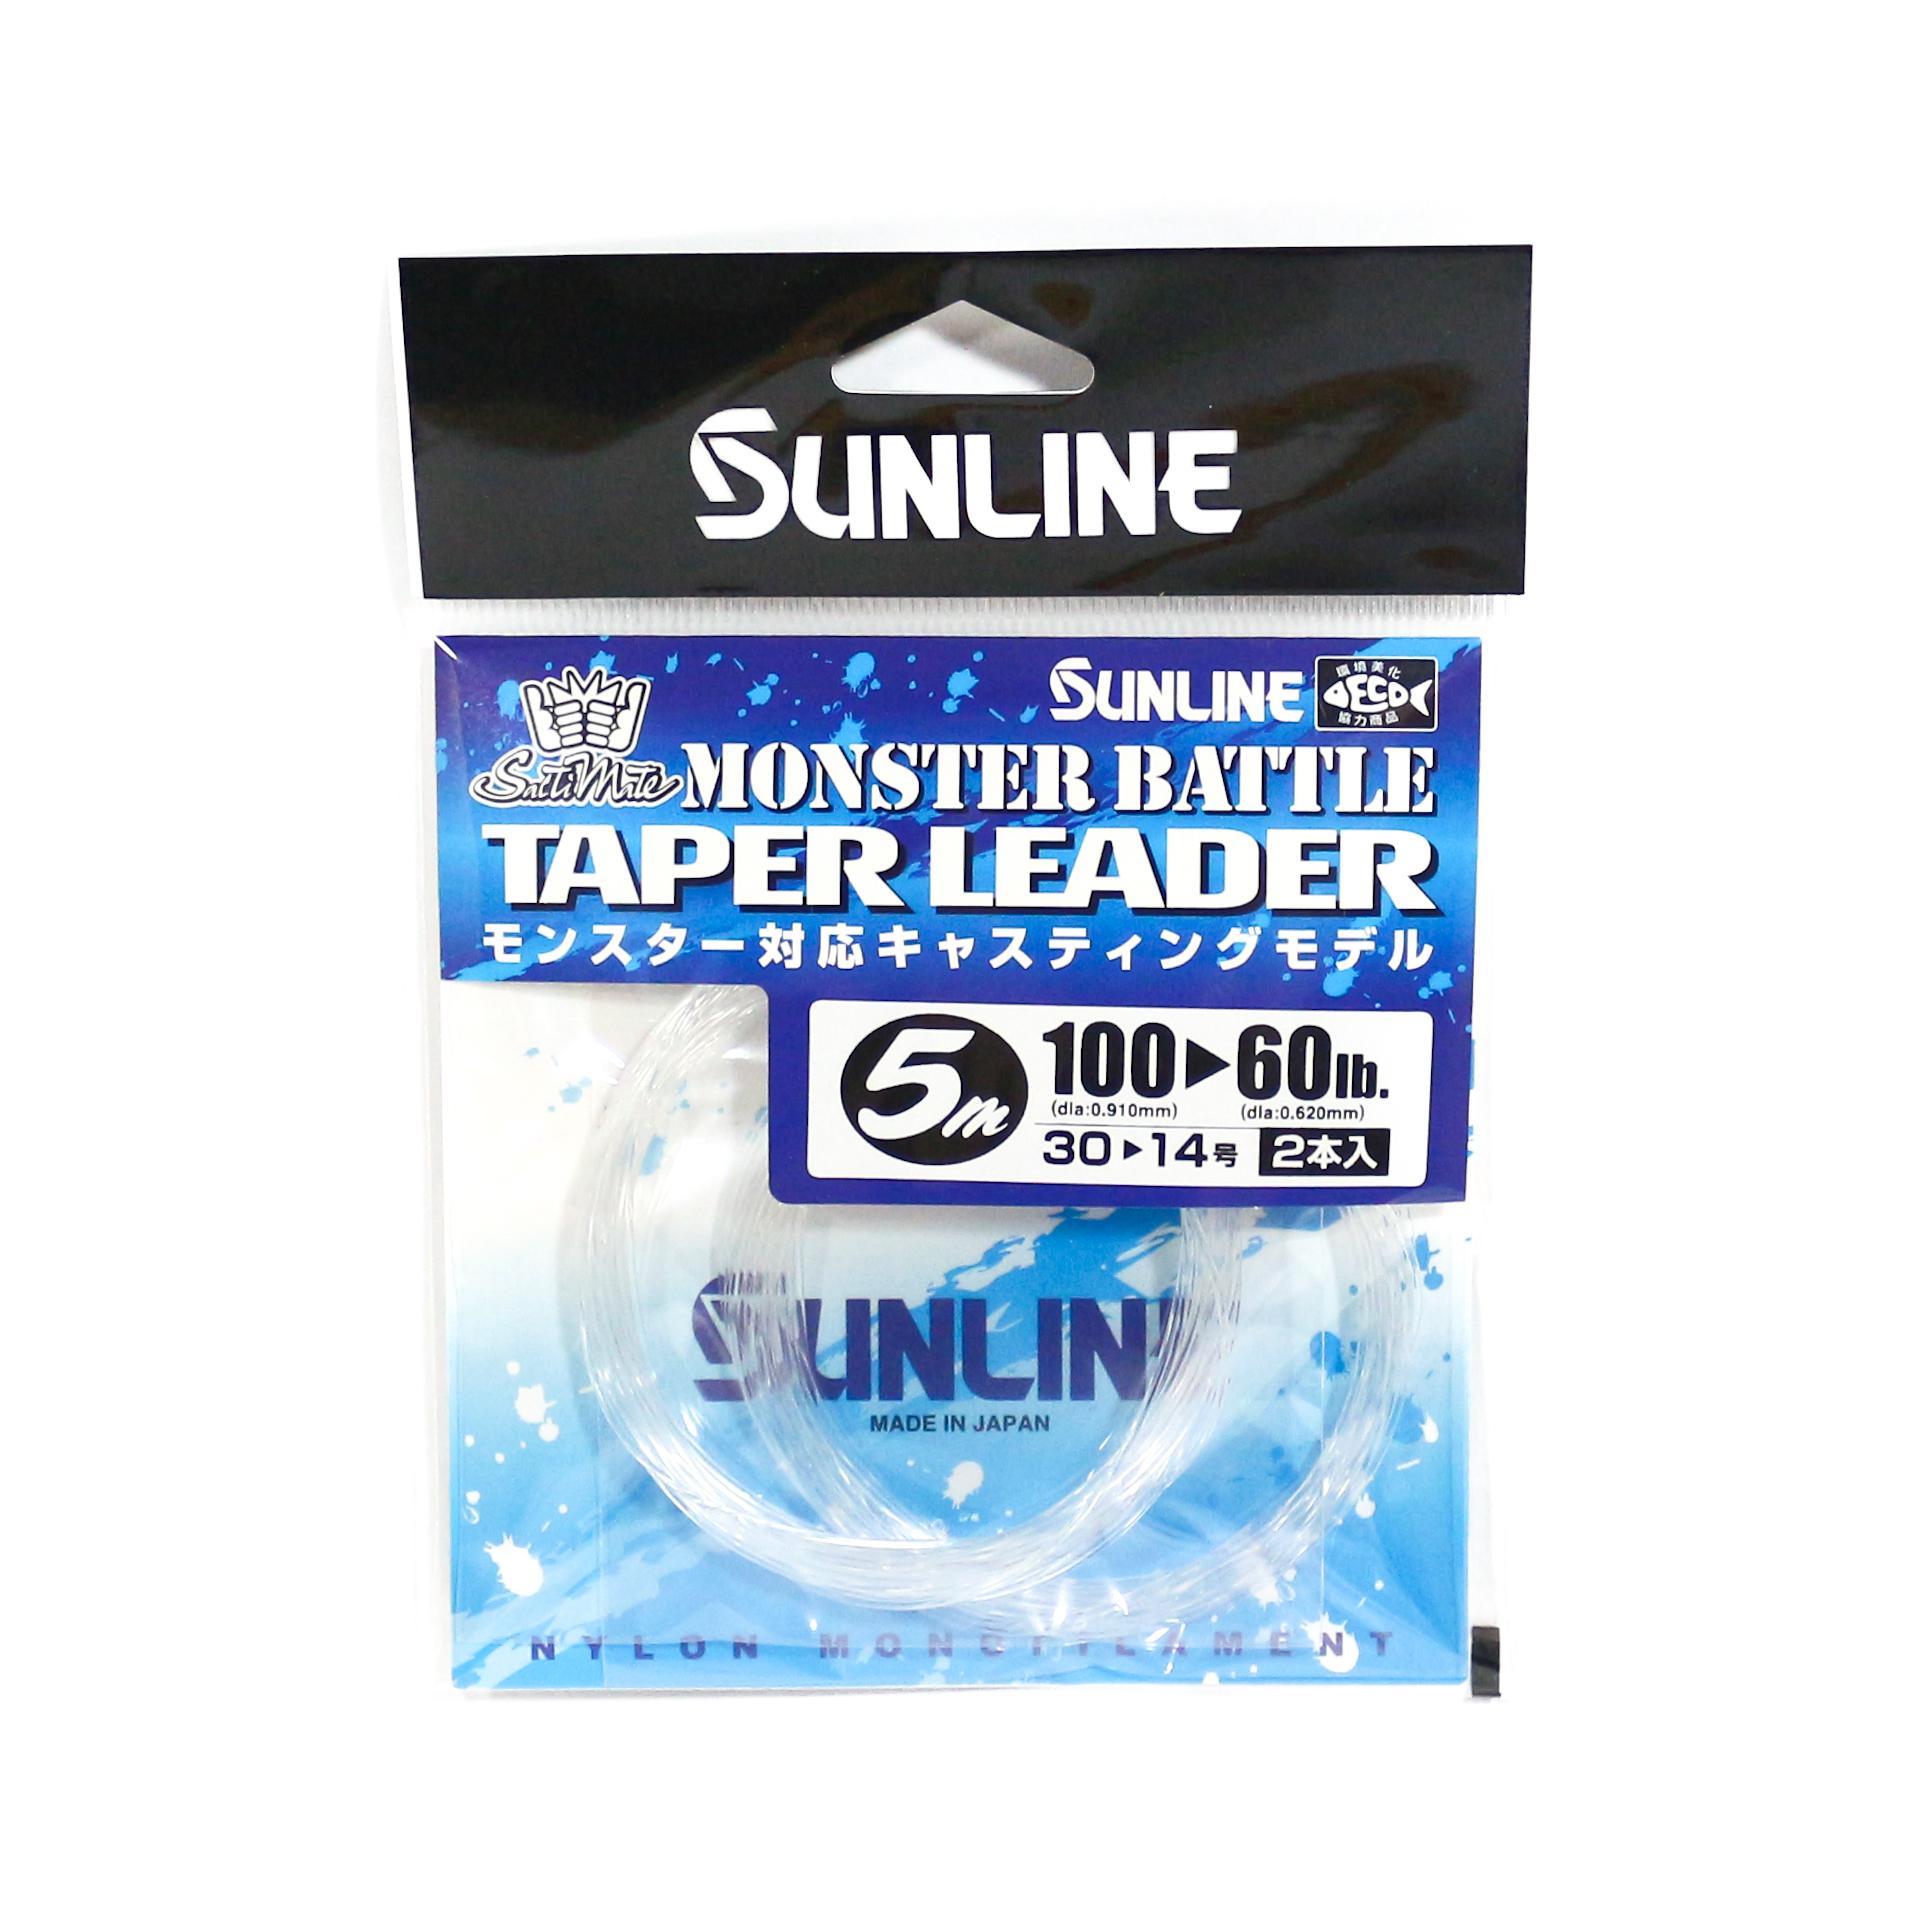 Sunline Taper Leader Monster Battle Nylon Line 5m , 60-100 lb (8652)